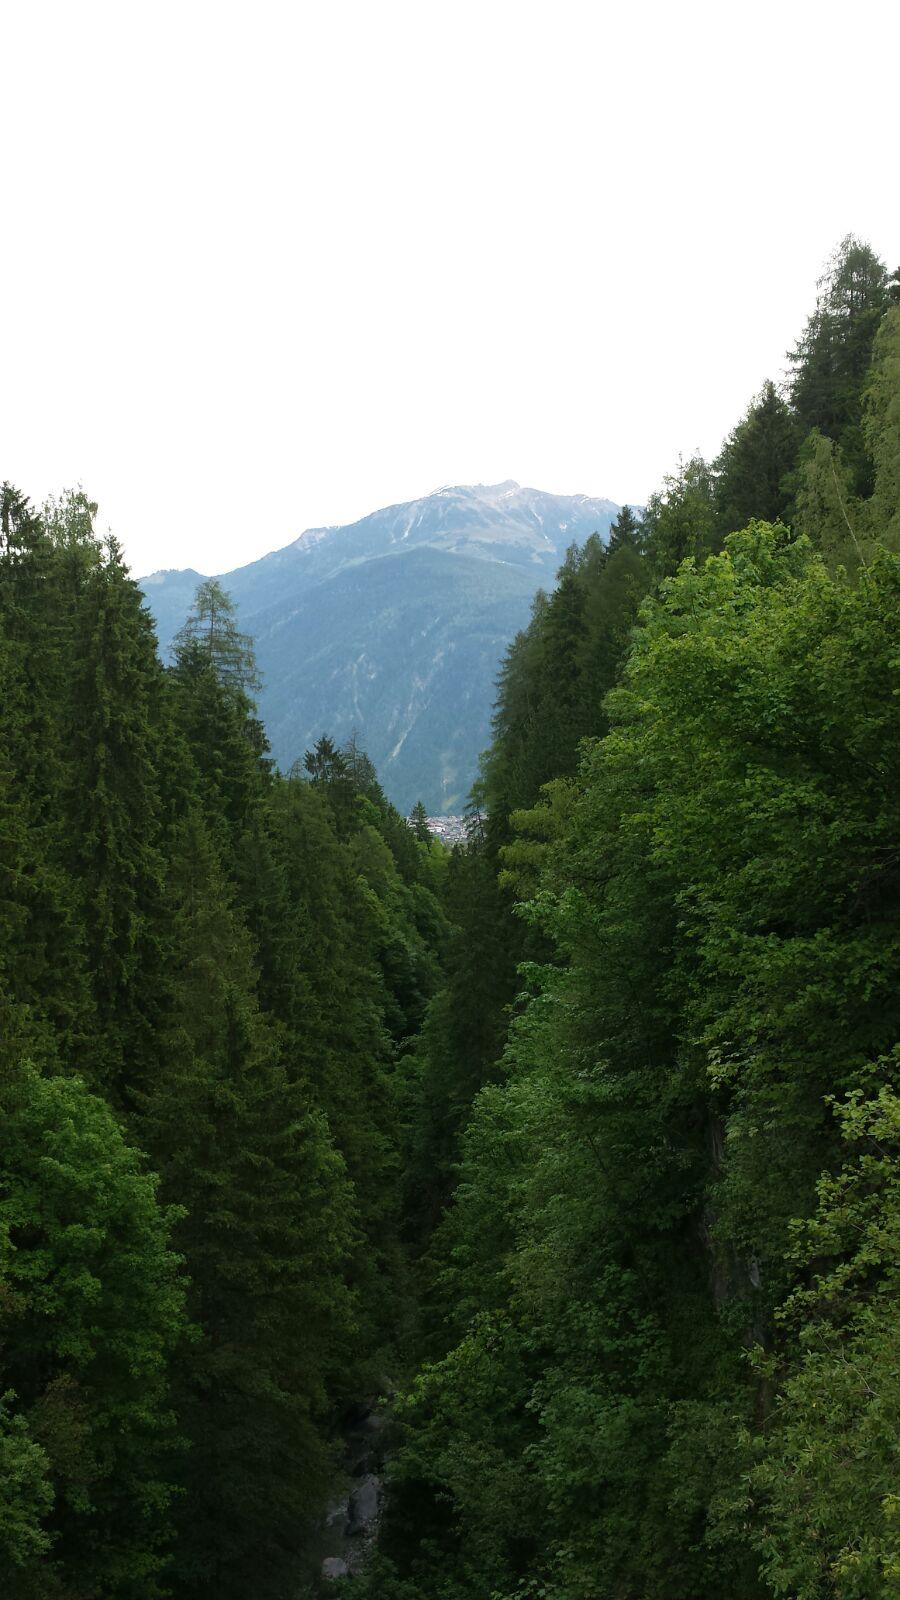 Idyllischer Streifzug durch einen sagenhaften Schluchtenwald 2